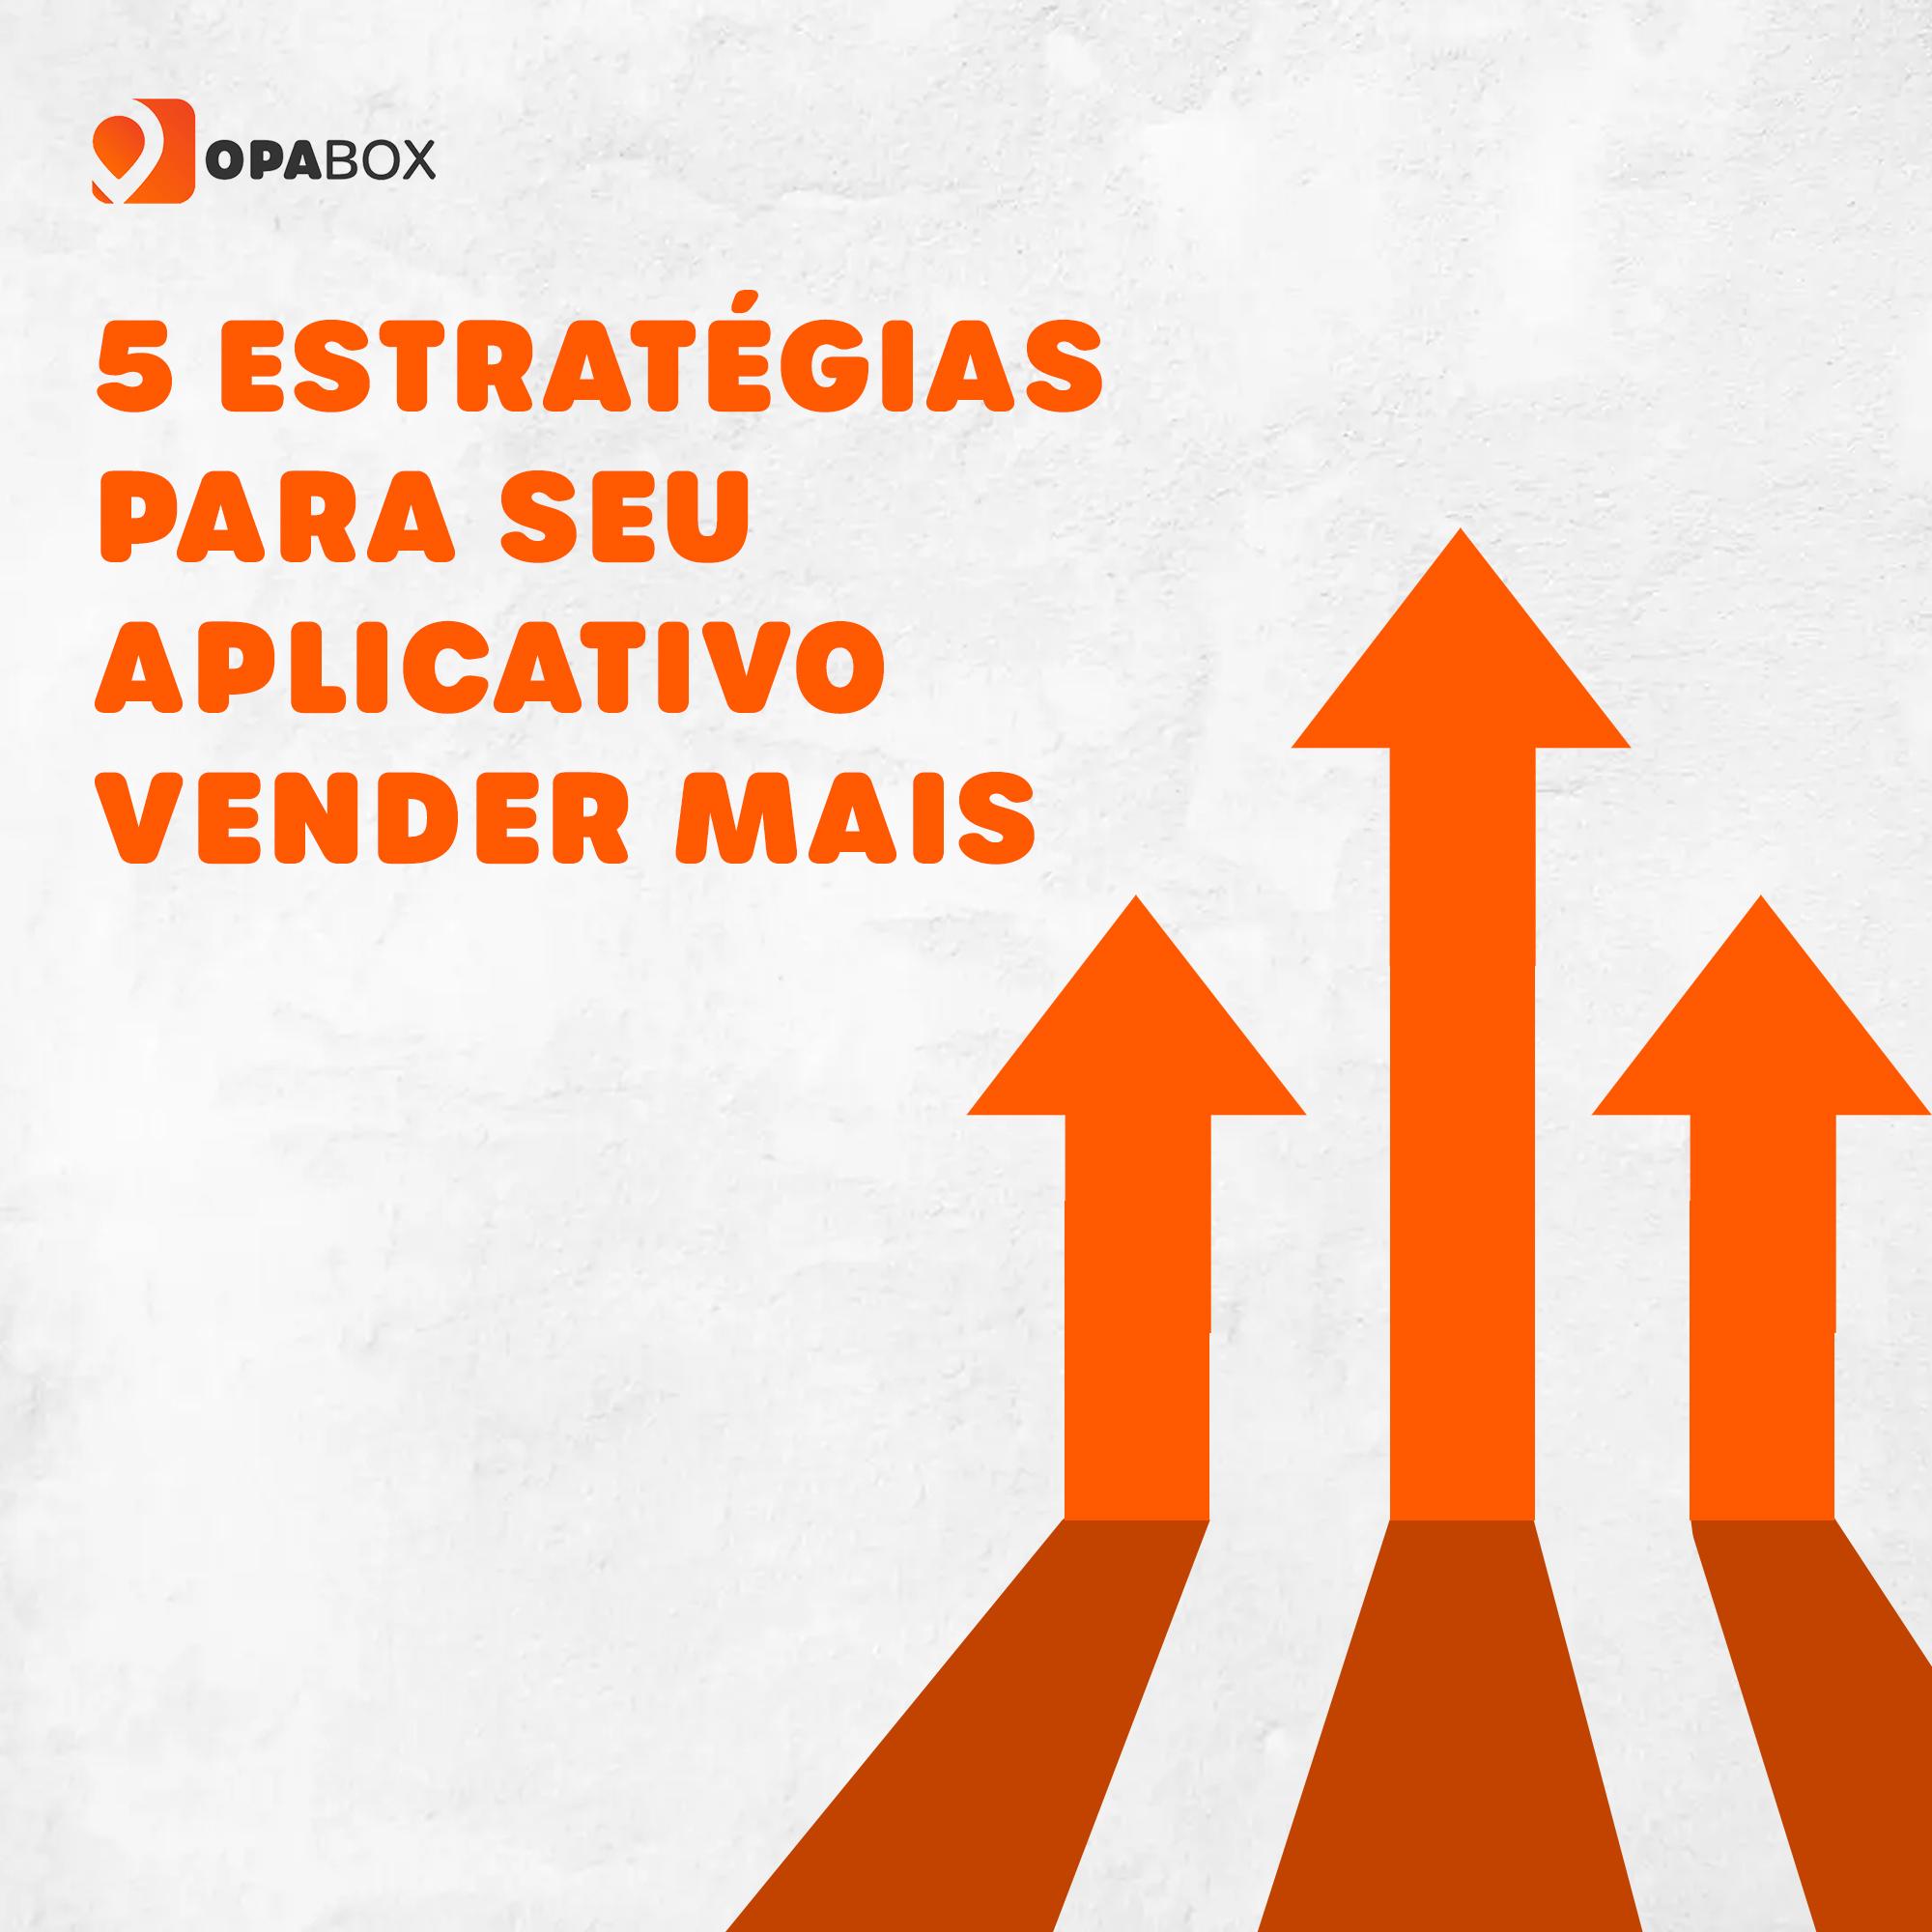 5 estratégias para seu aplicativo vender mais